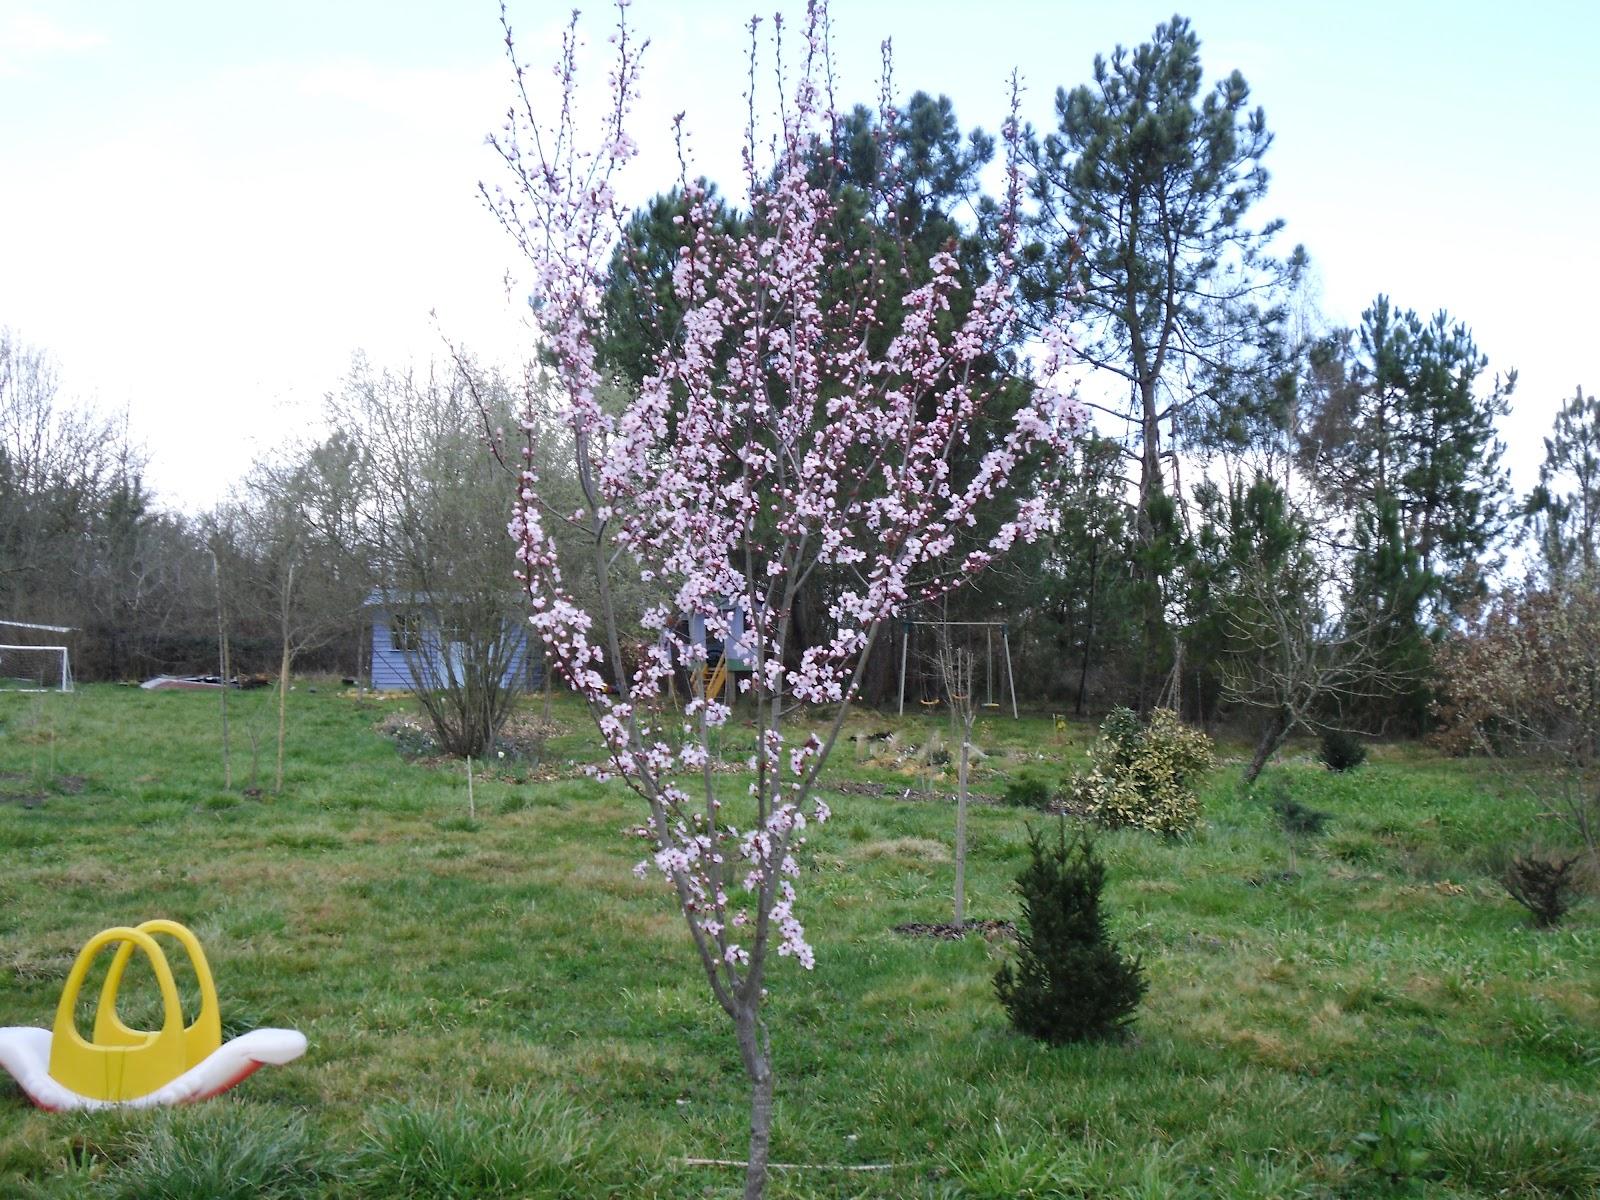 Le jardin des lutins vive le printemps for Vive le jardin bressuire